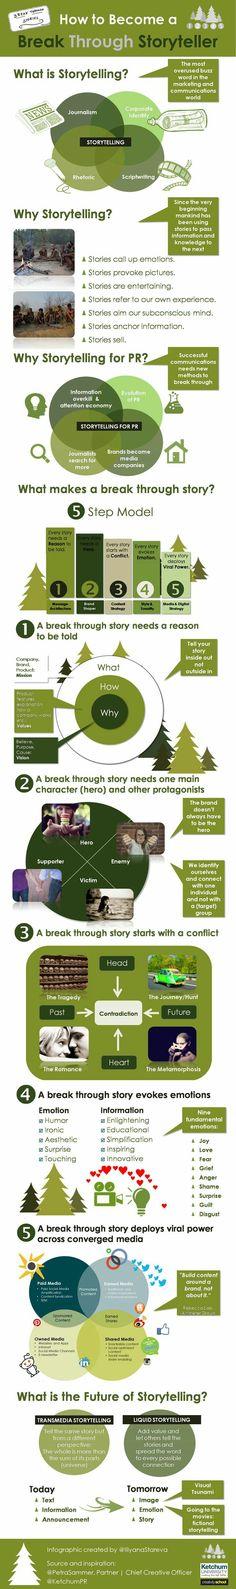 #Infografica #infographic, statistiche e spunti di riflessione. #diellepistoia